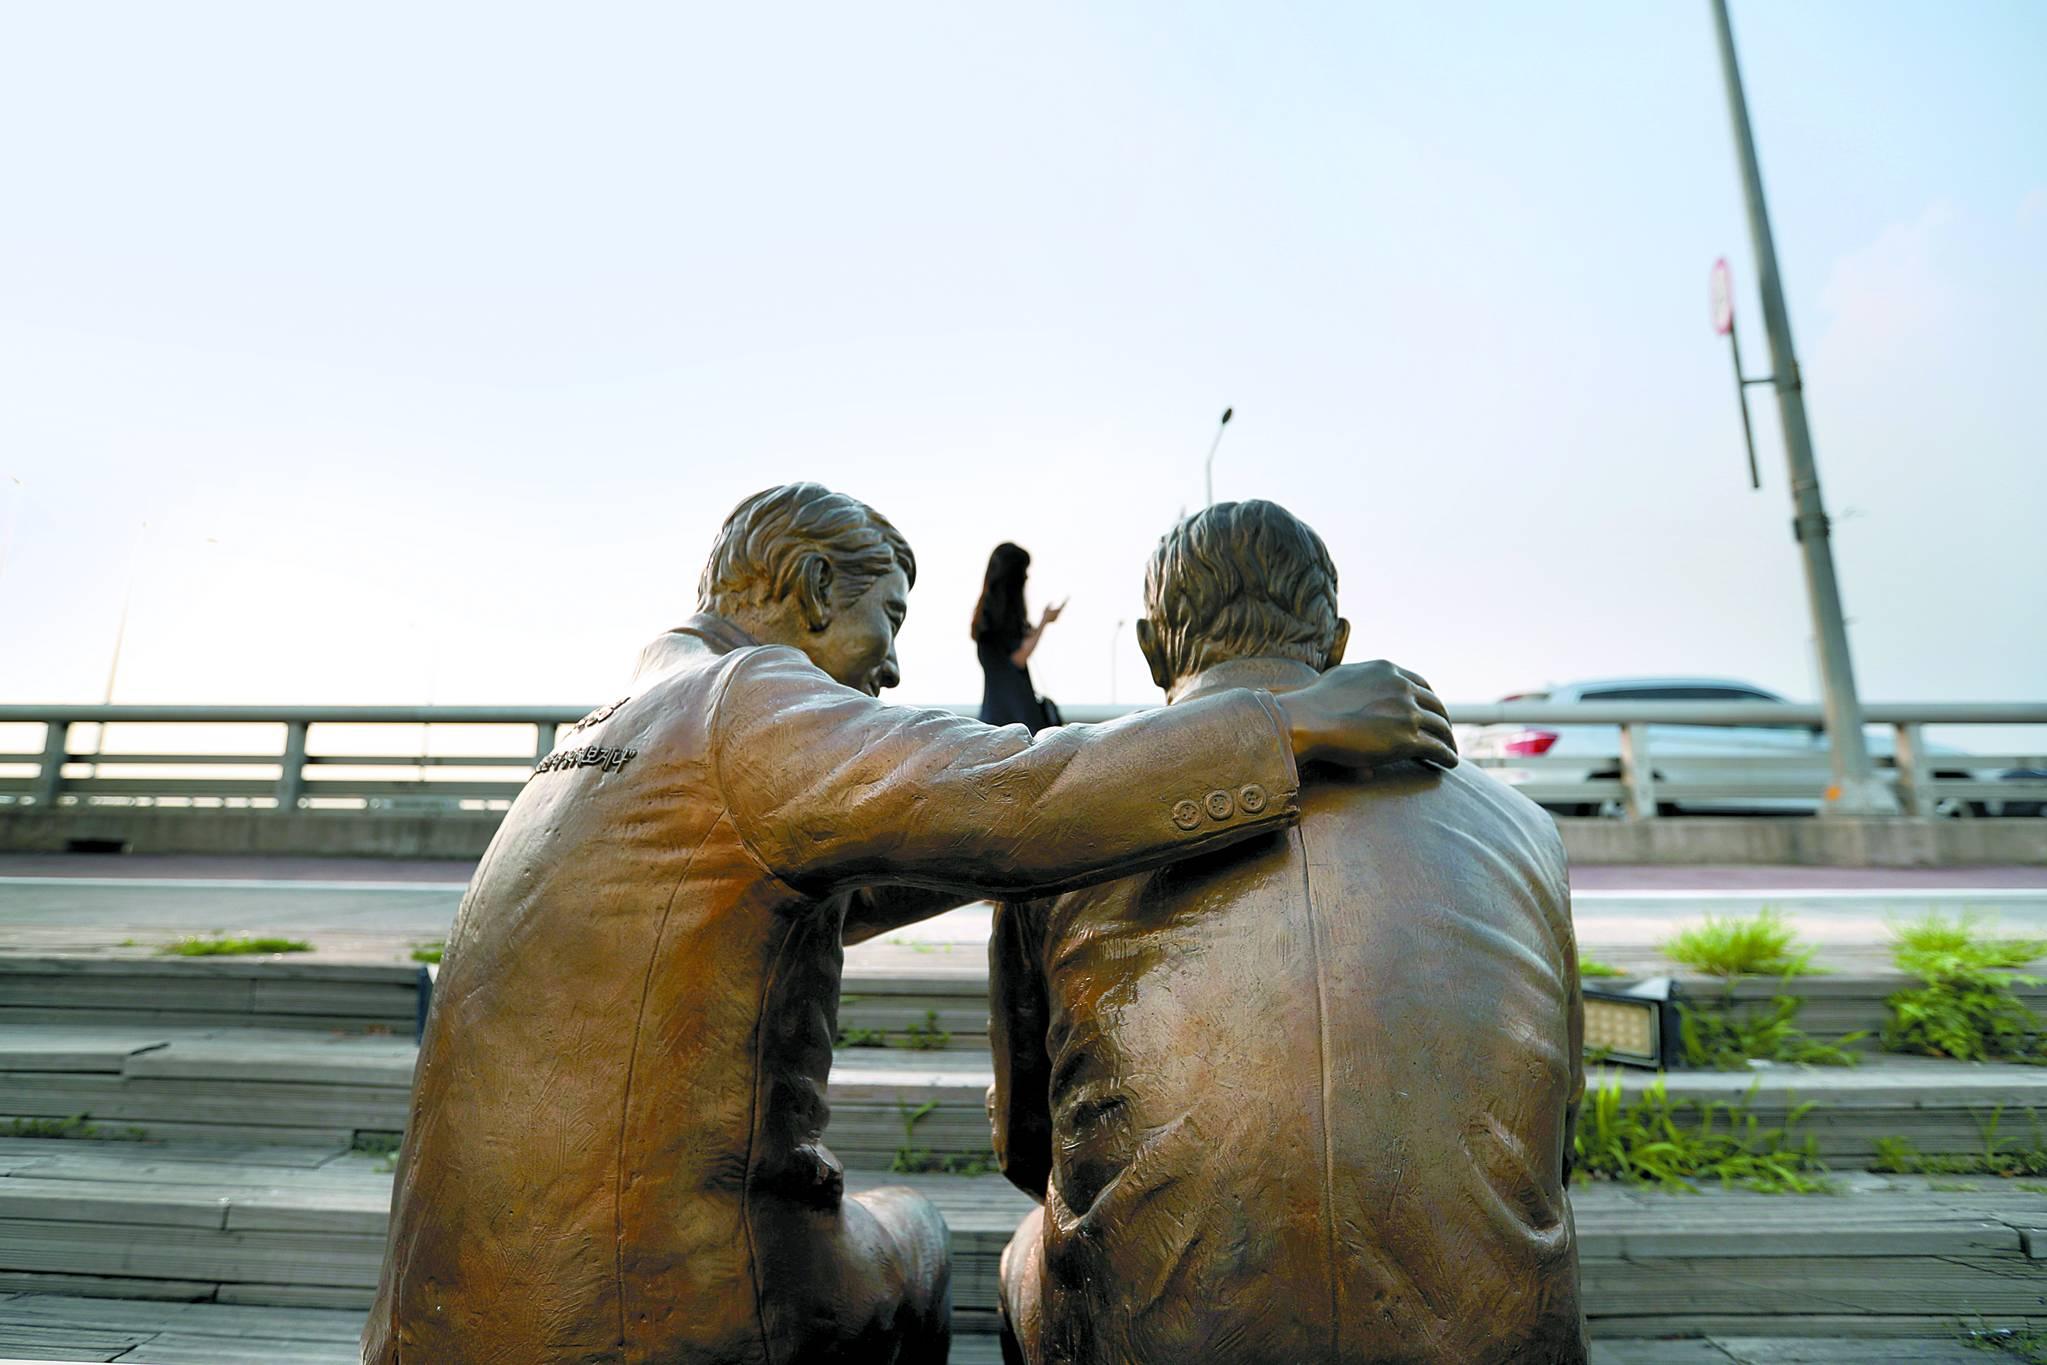 서울 마포대교에 세워진 자살 예방 동상. 자살을 고민하는 사람을 위로하는 모습이다. [중앙포토]